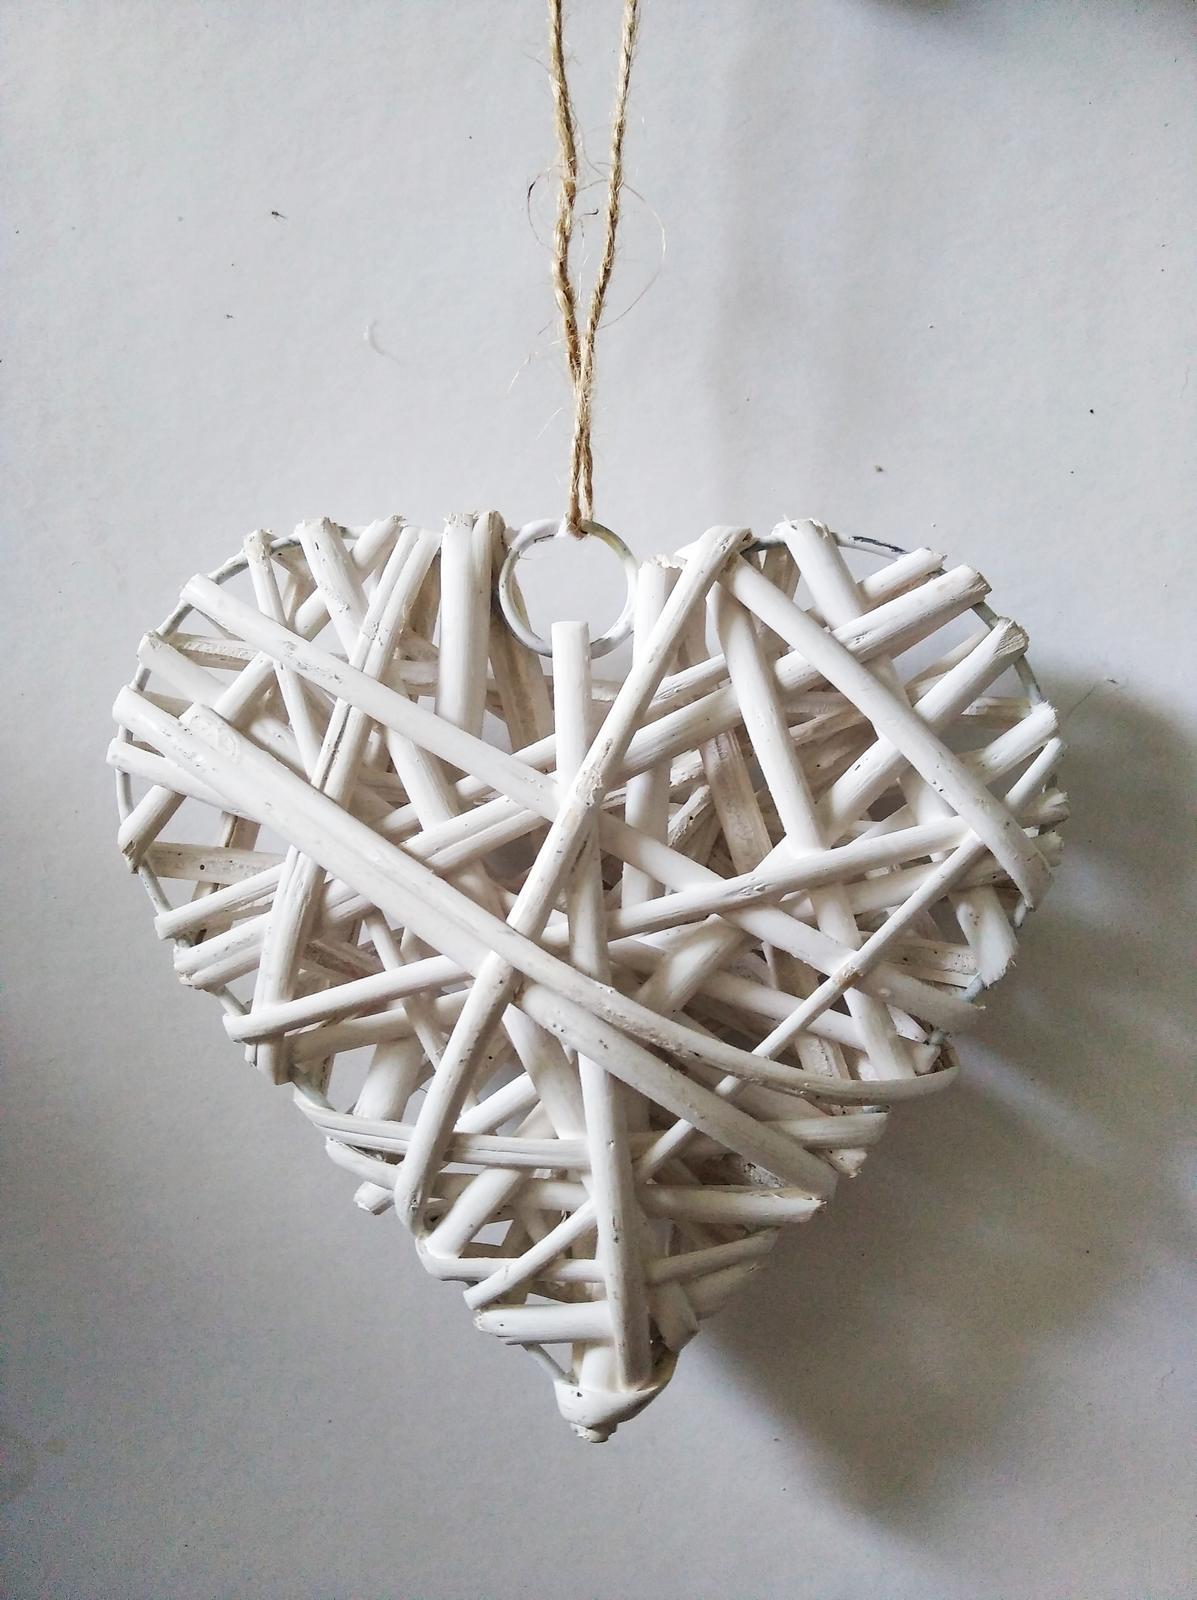 svatební dekorace - proutěné srdce - Obrázek č. 1